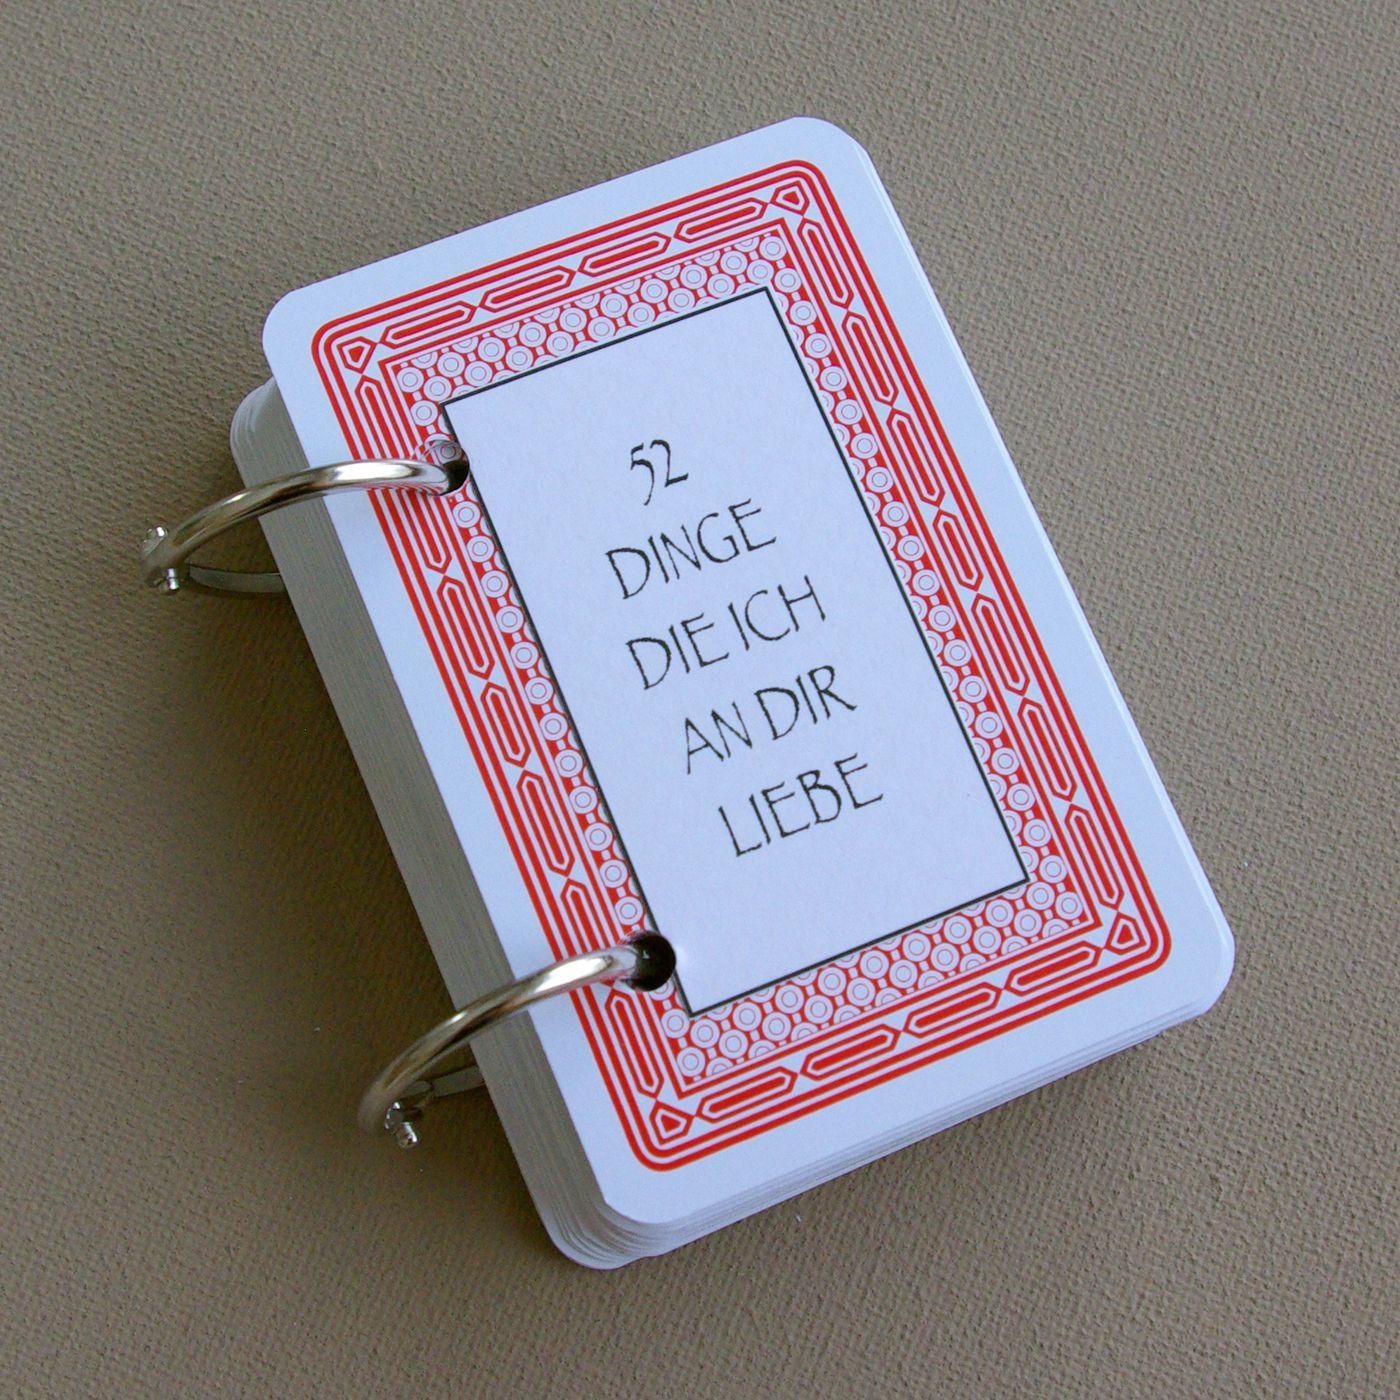 52 Dinge ich an dir liebe Karten Kartenspiel Valentinstag Geschenk selber basteln DIY Tutorial Anleitung kostenlos fertig 1 Diy Birthday Presents